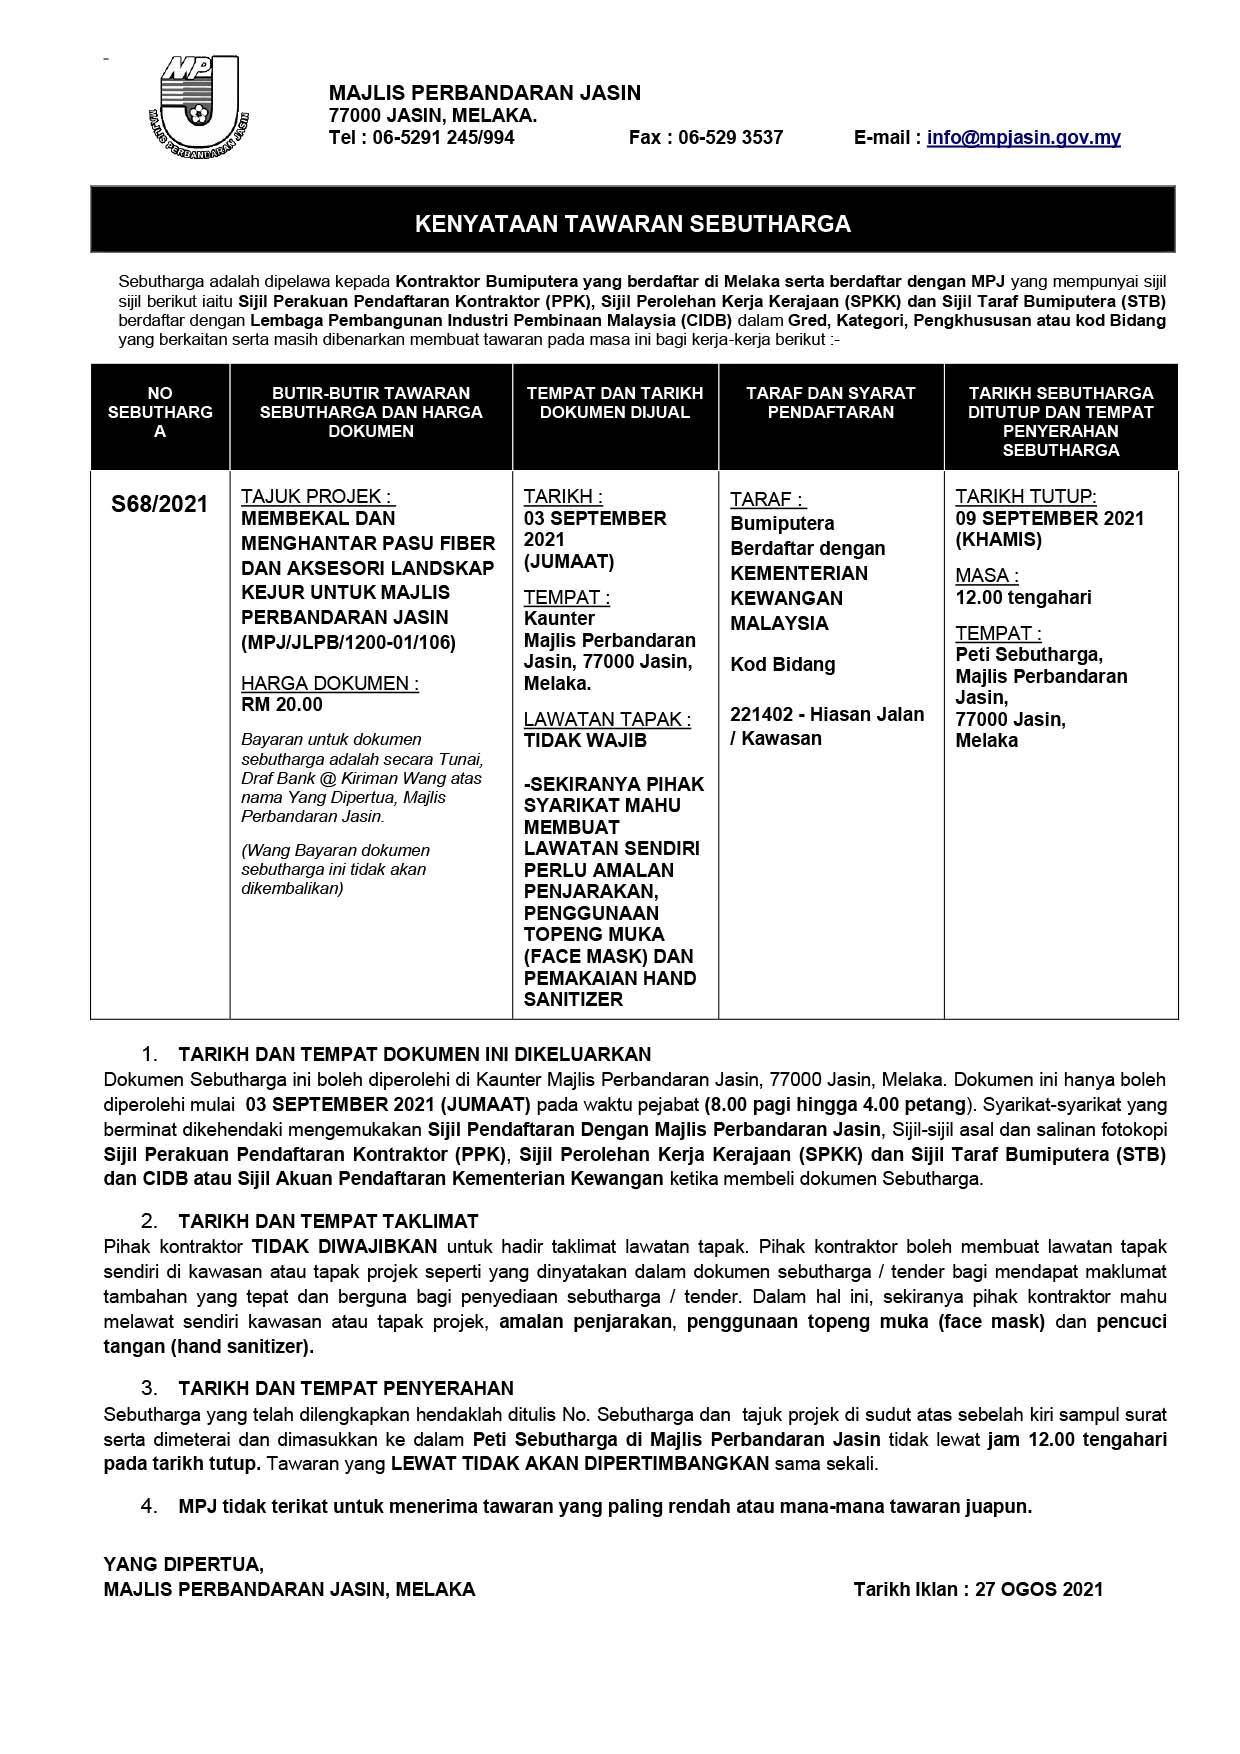 MEMBEKAL DAN MENGHANTAR PASU FIBER DAN AKSESORI LANDSKAP KEJUR UNTUK MAJLIS PERBANDARAN JASIN  (MPJ/JLPB/1200-01/106)